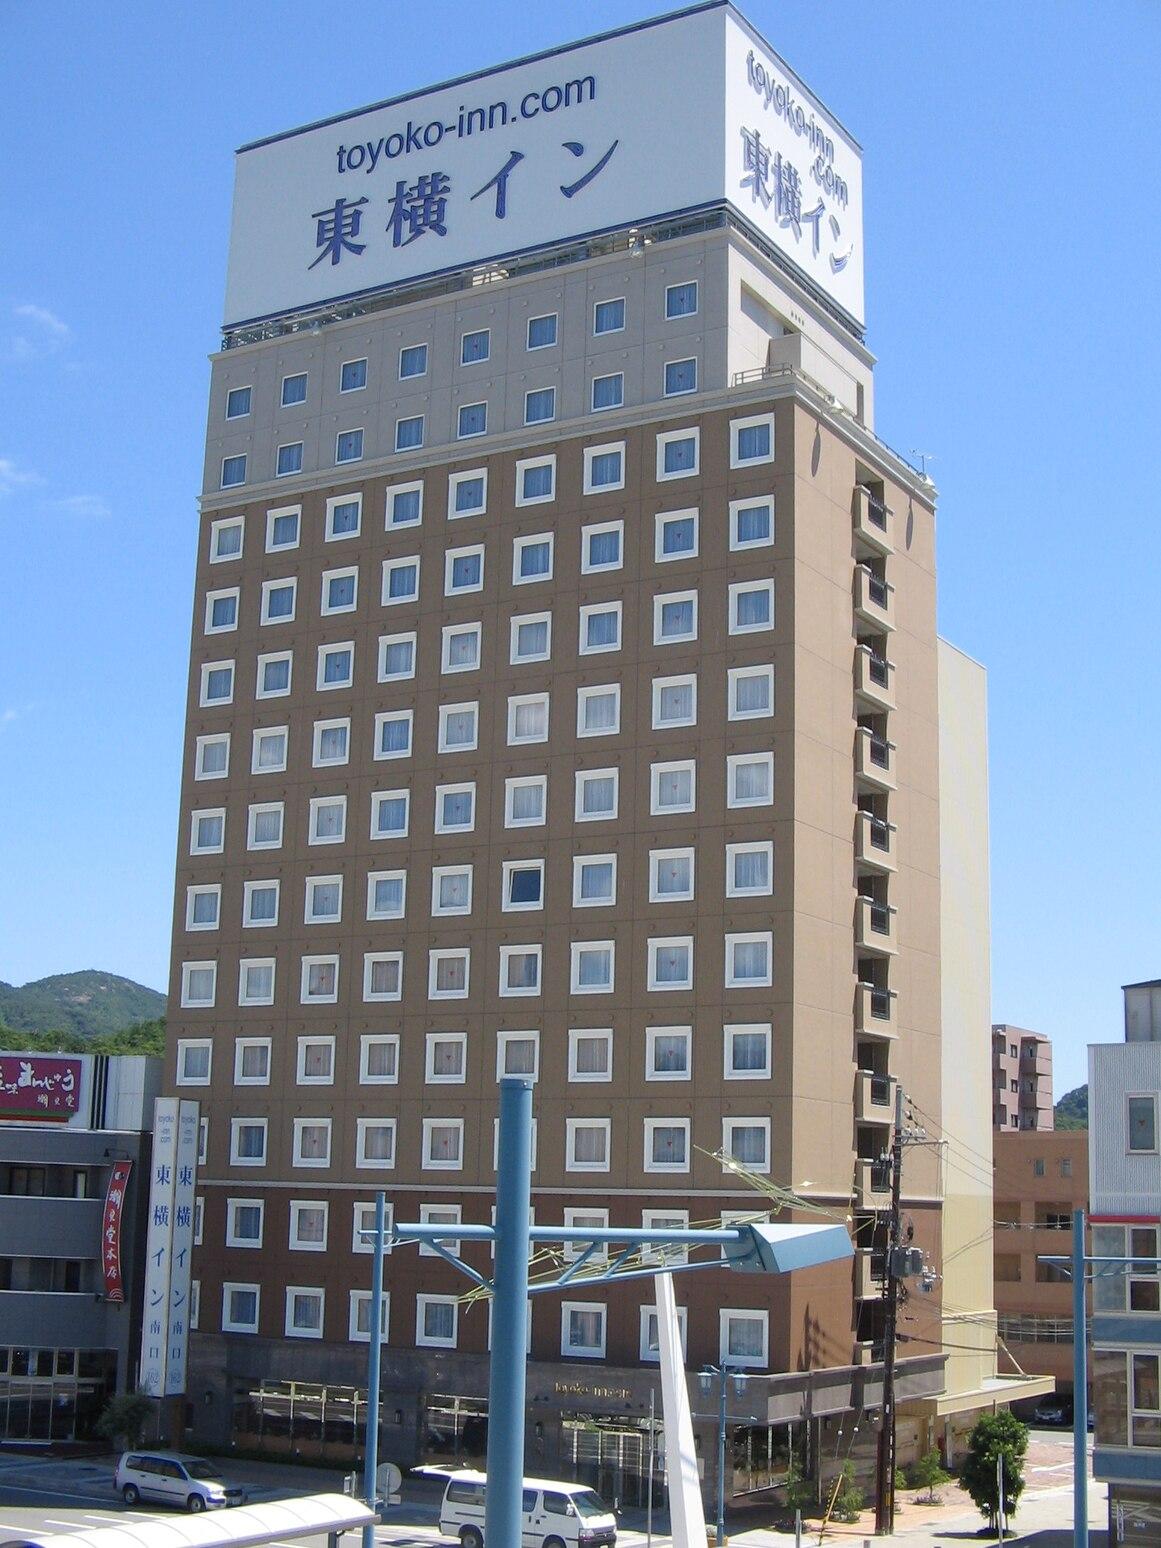 東横イン 相生駅新幹線口◆楽天トラベル